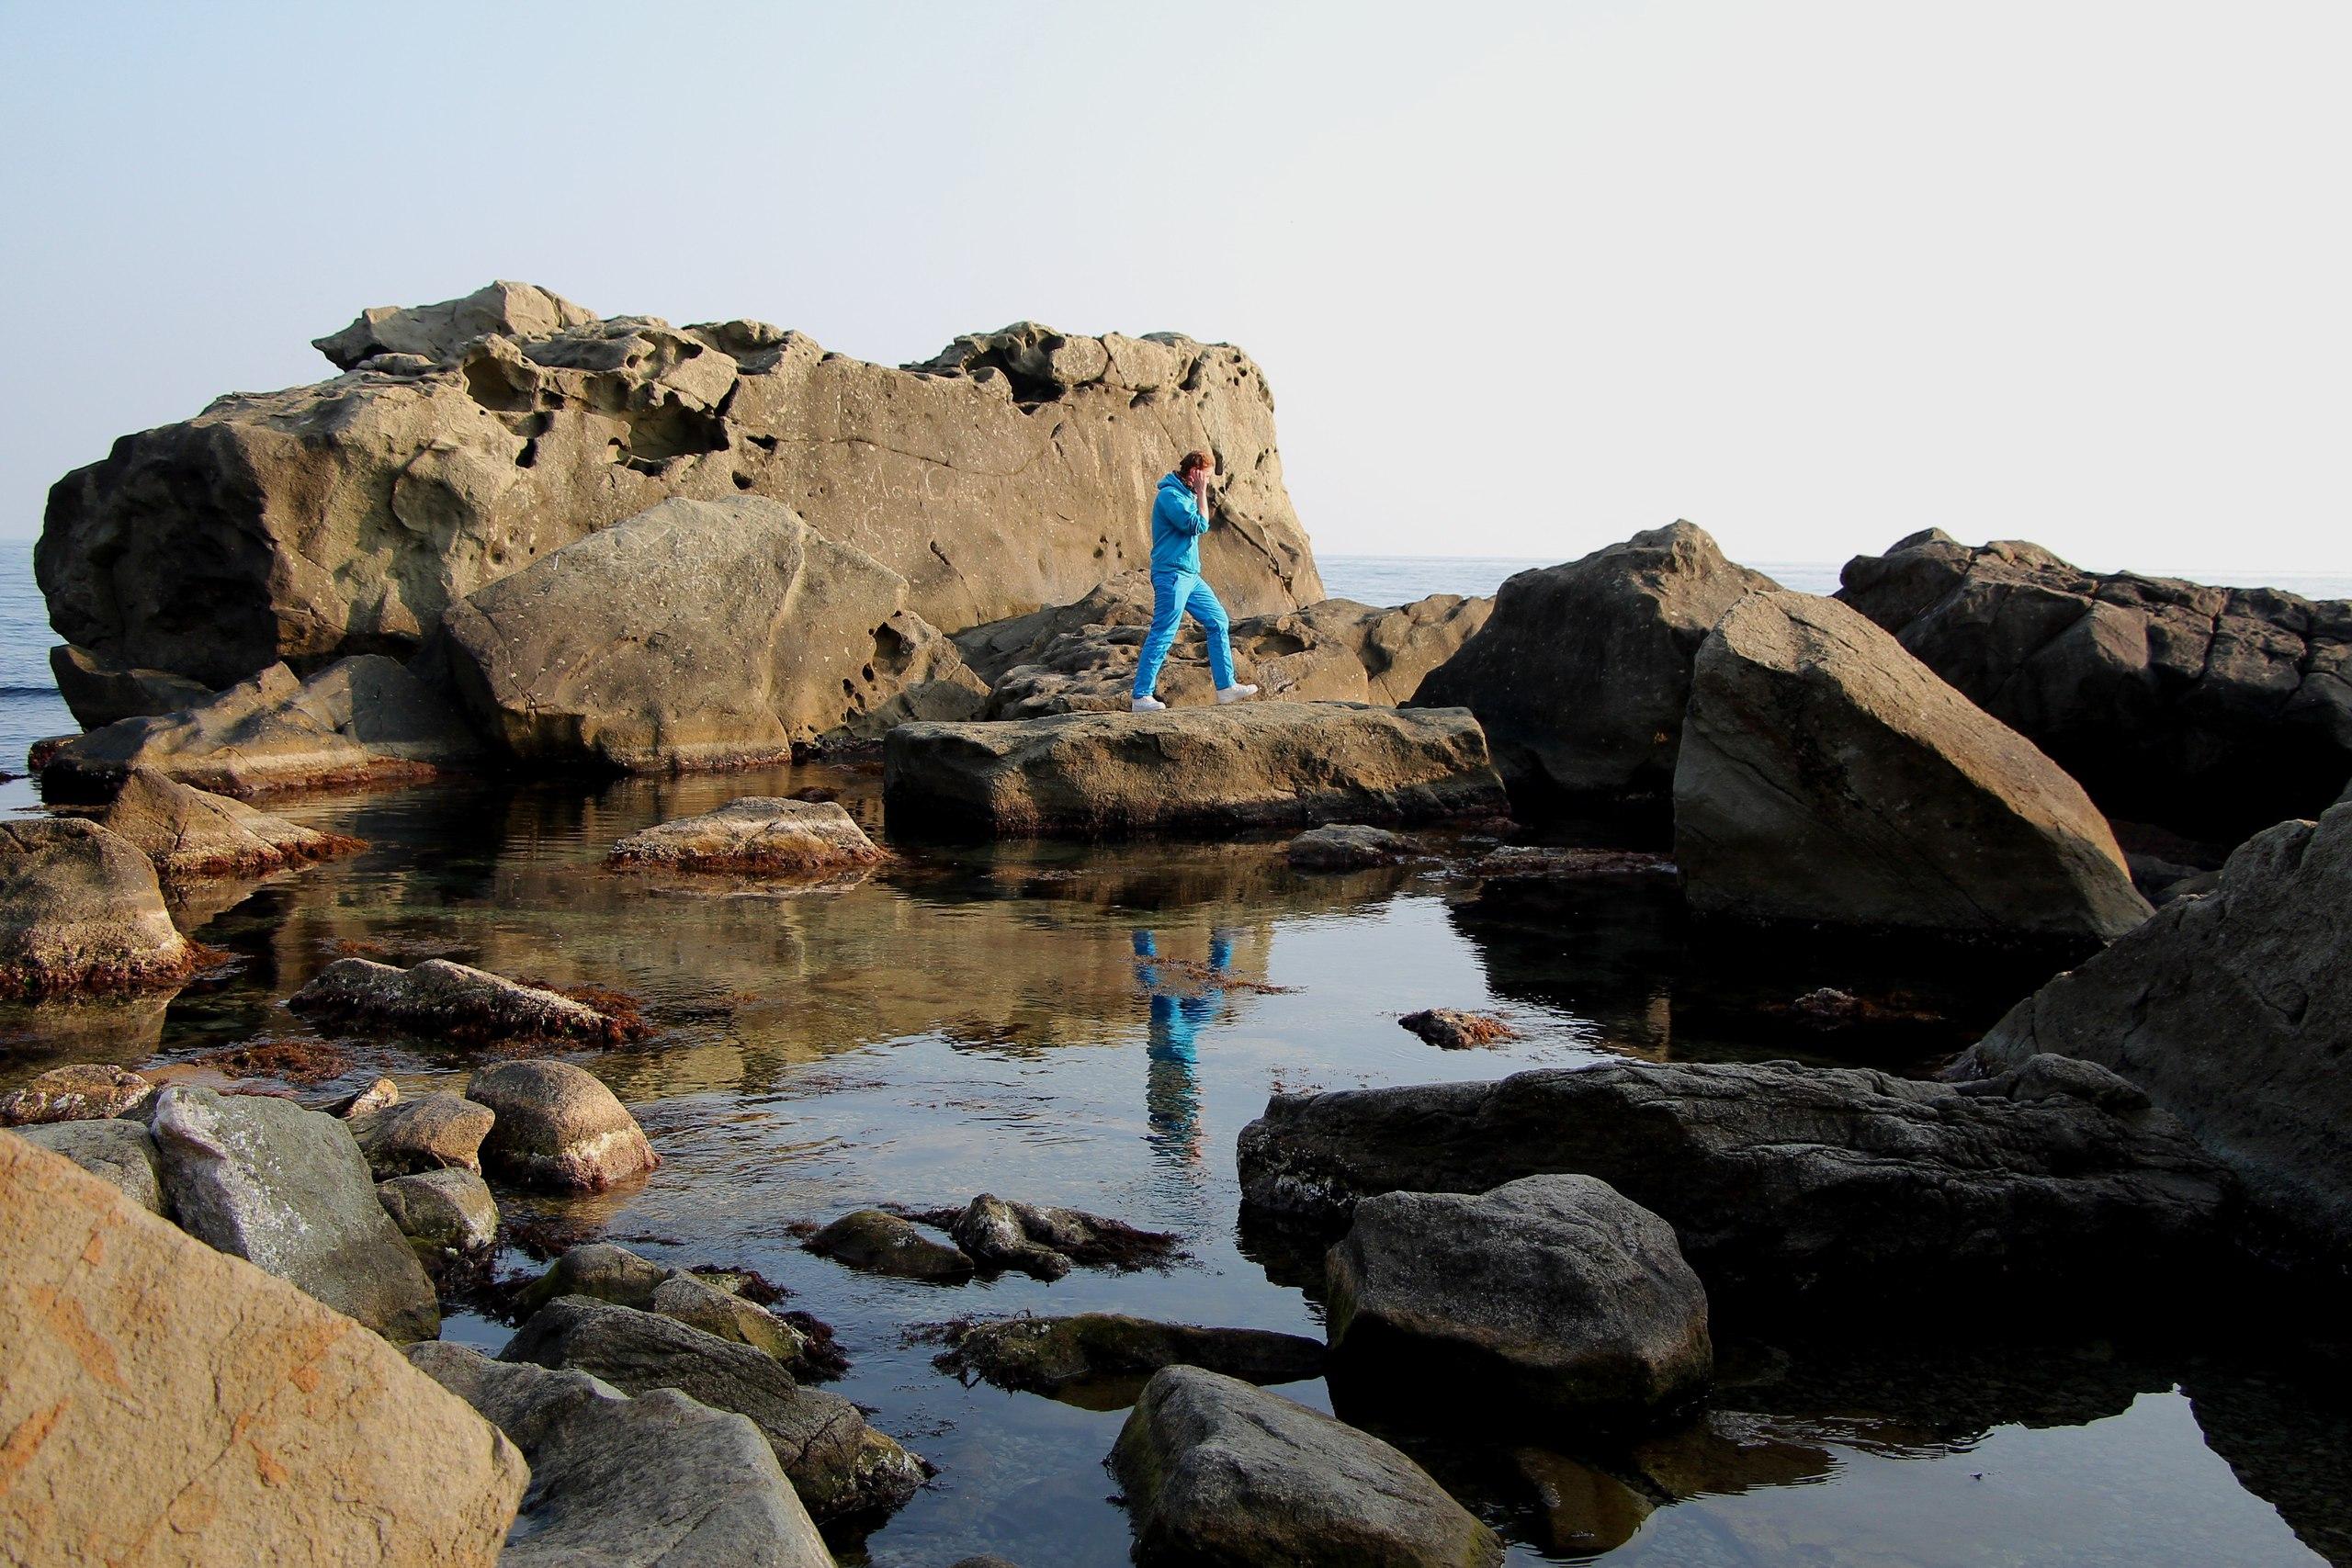 Человек на скалистом берегу